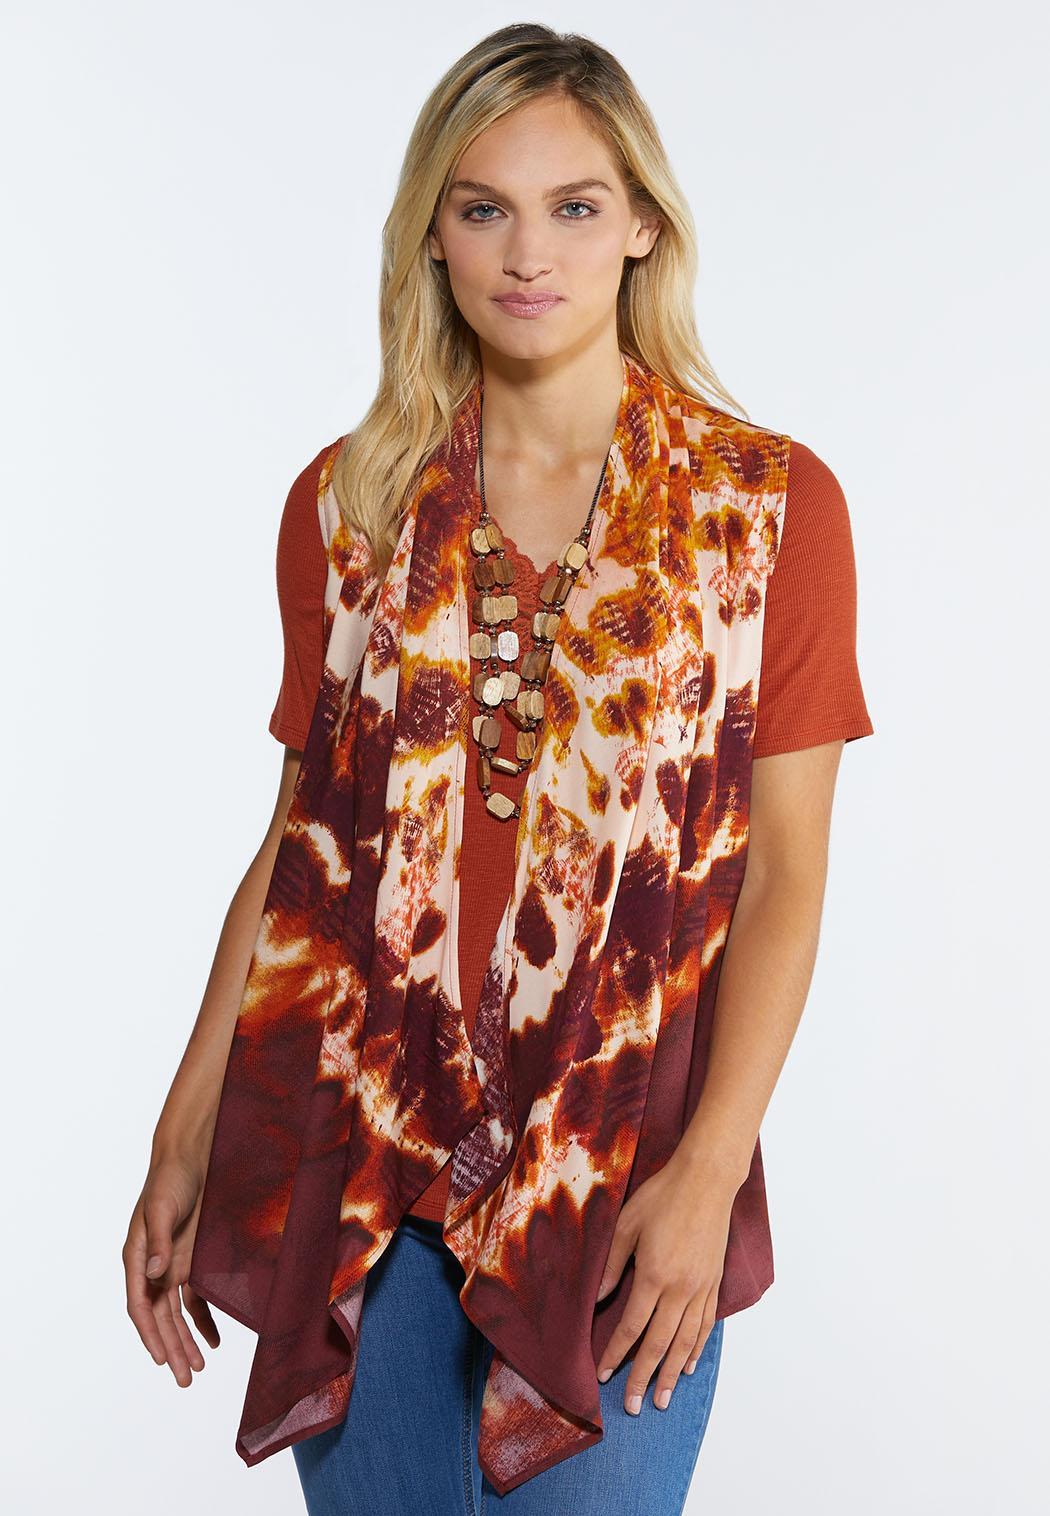 Cranberry Tie Dye Vest